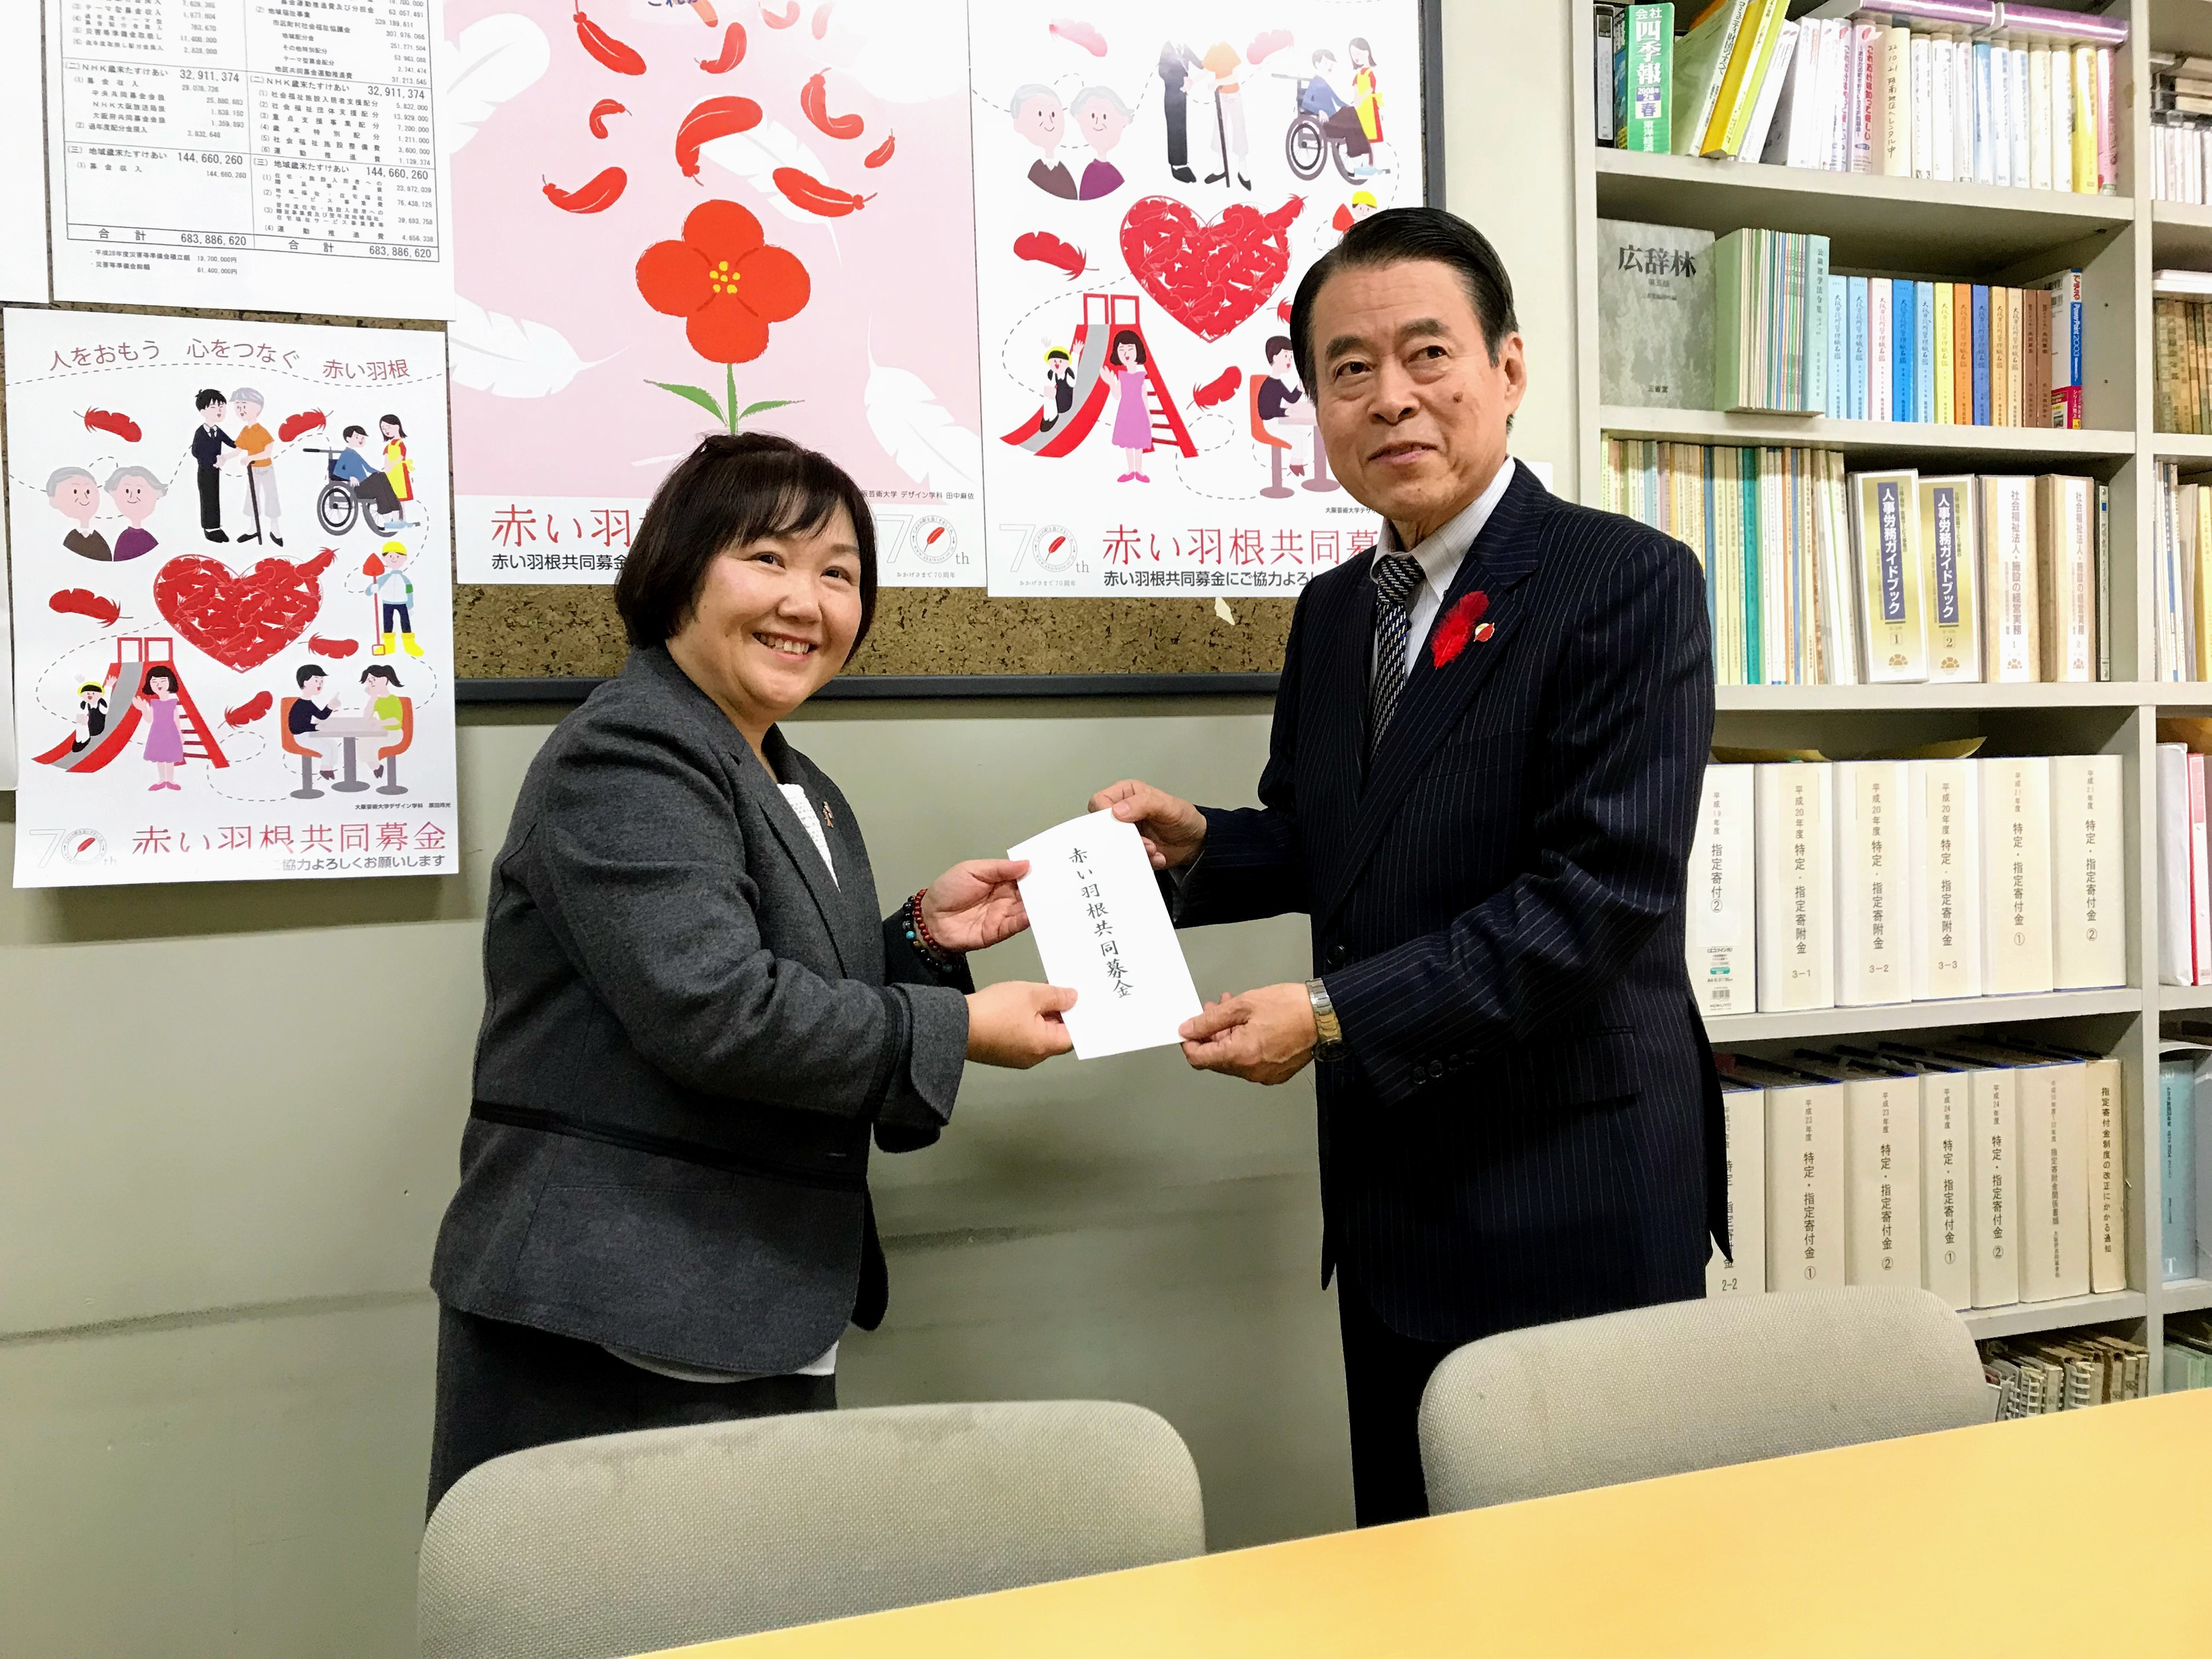 公益社団法人大阪市ひとり親家庭福祉連合会様よりご寄付をいただきました。